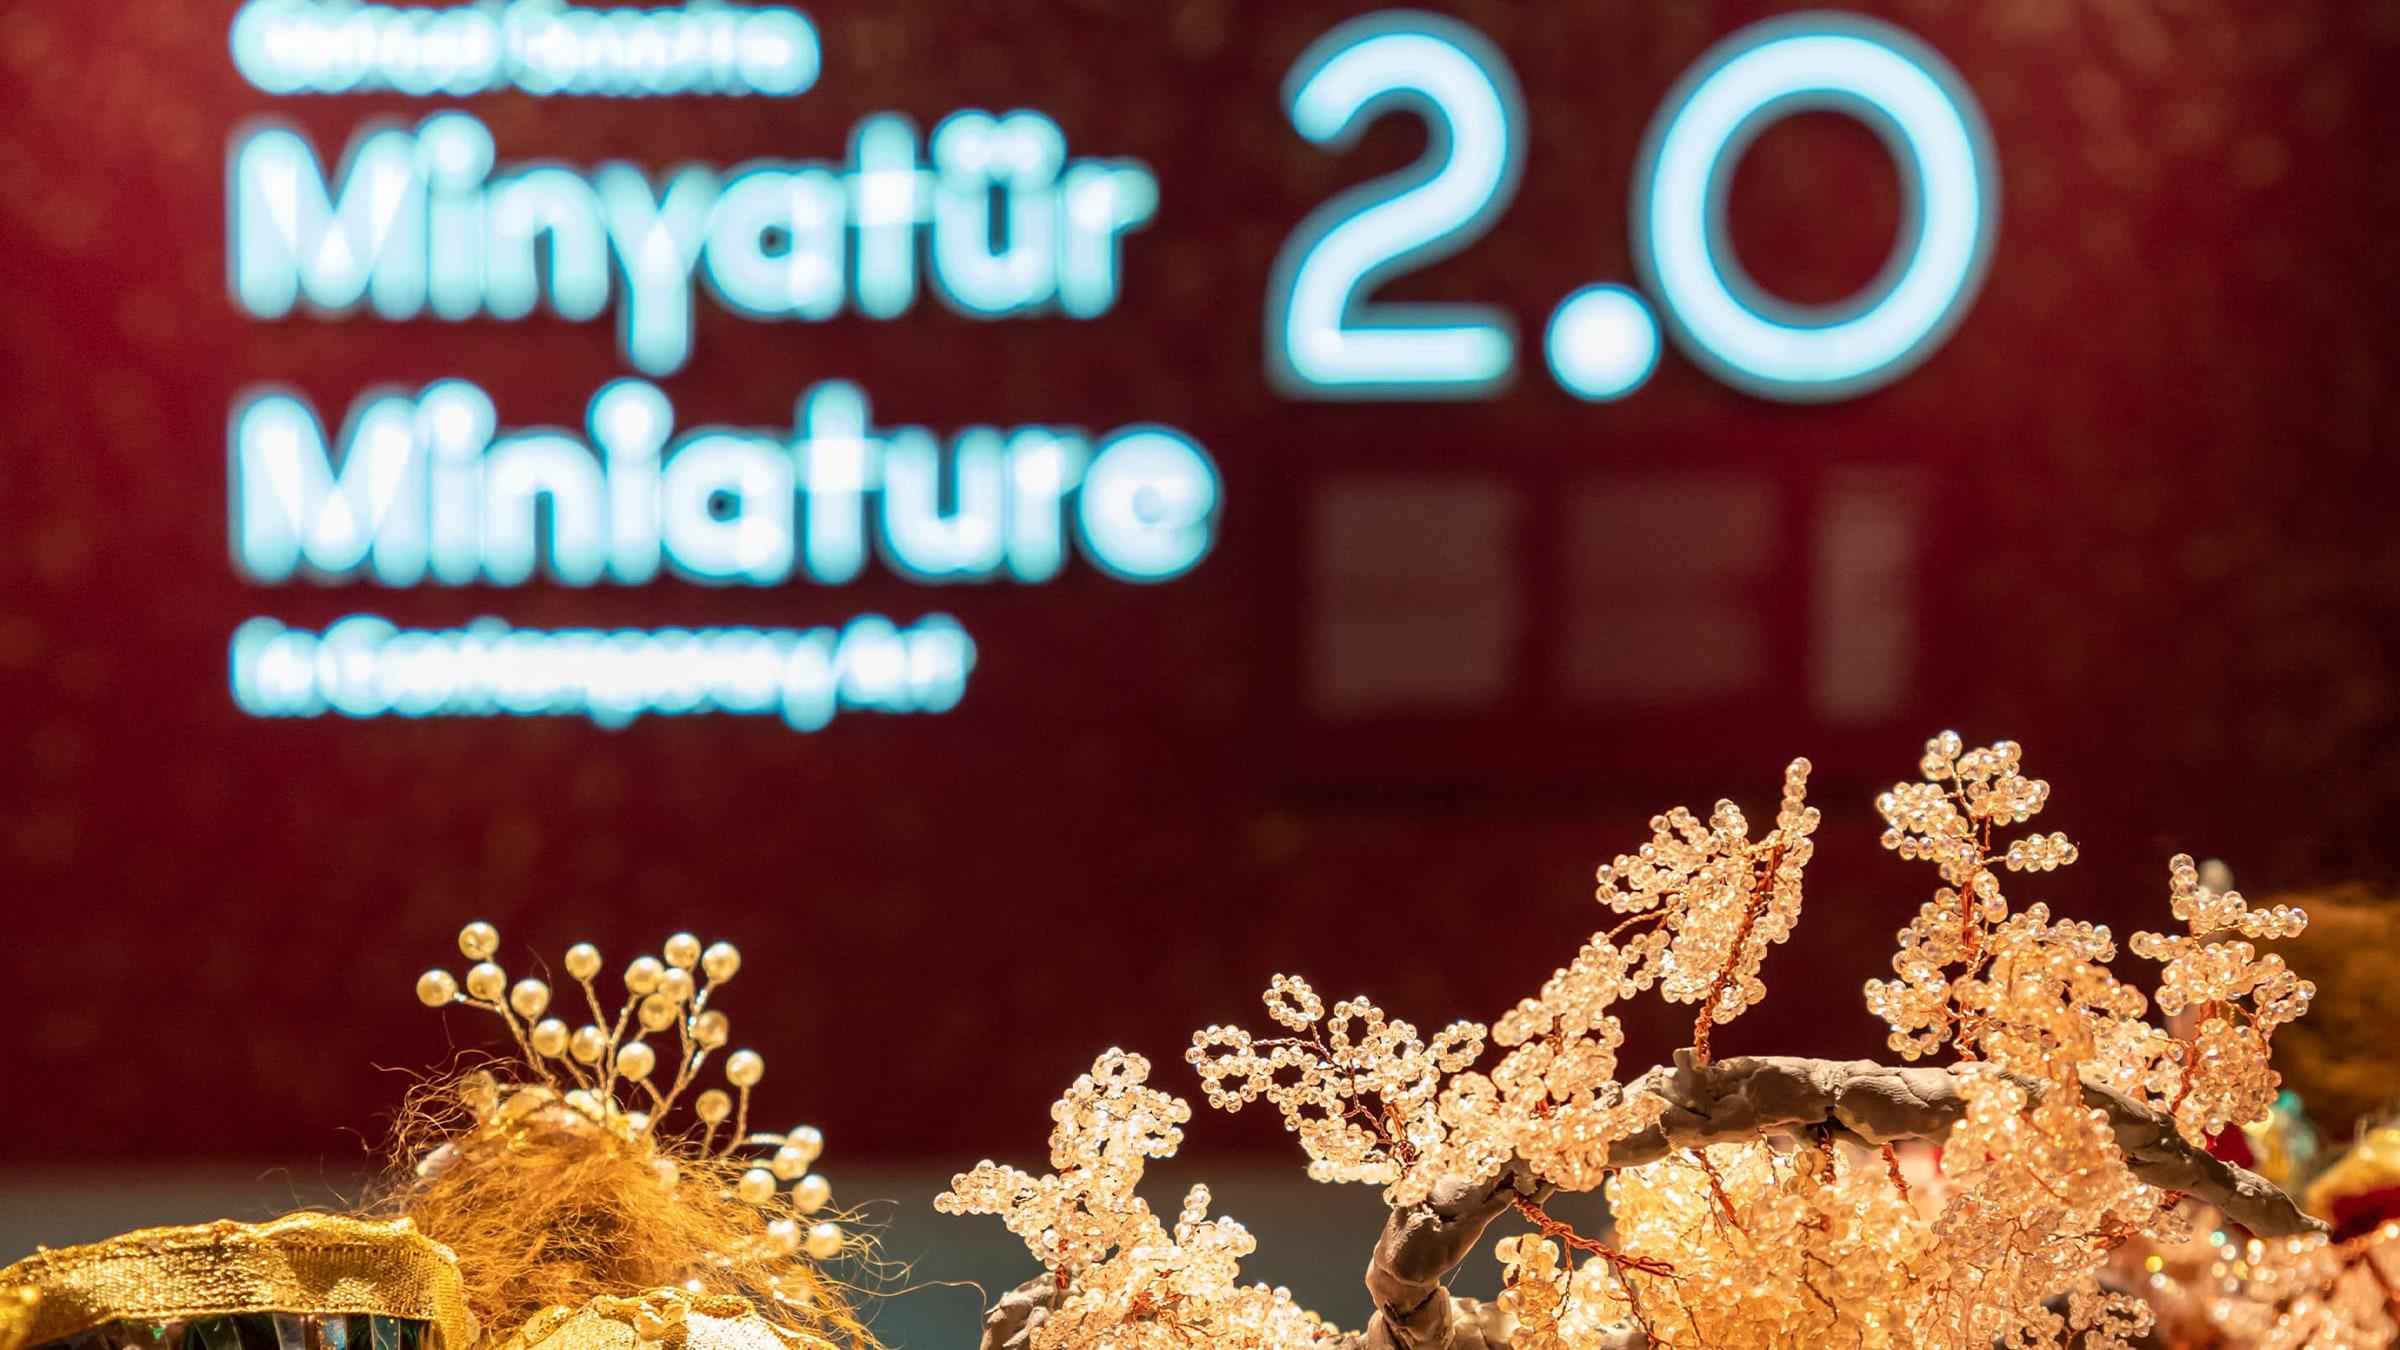 Minyatür 2.0: Güncel Sanatta Minyatür Çevrimiçi Sergi Turu